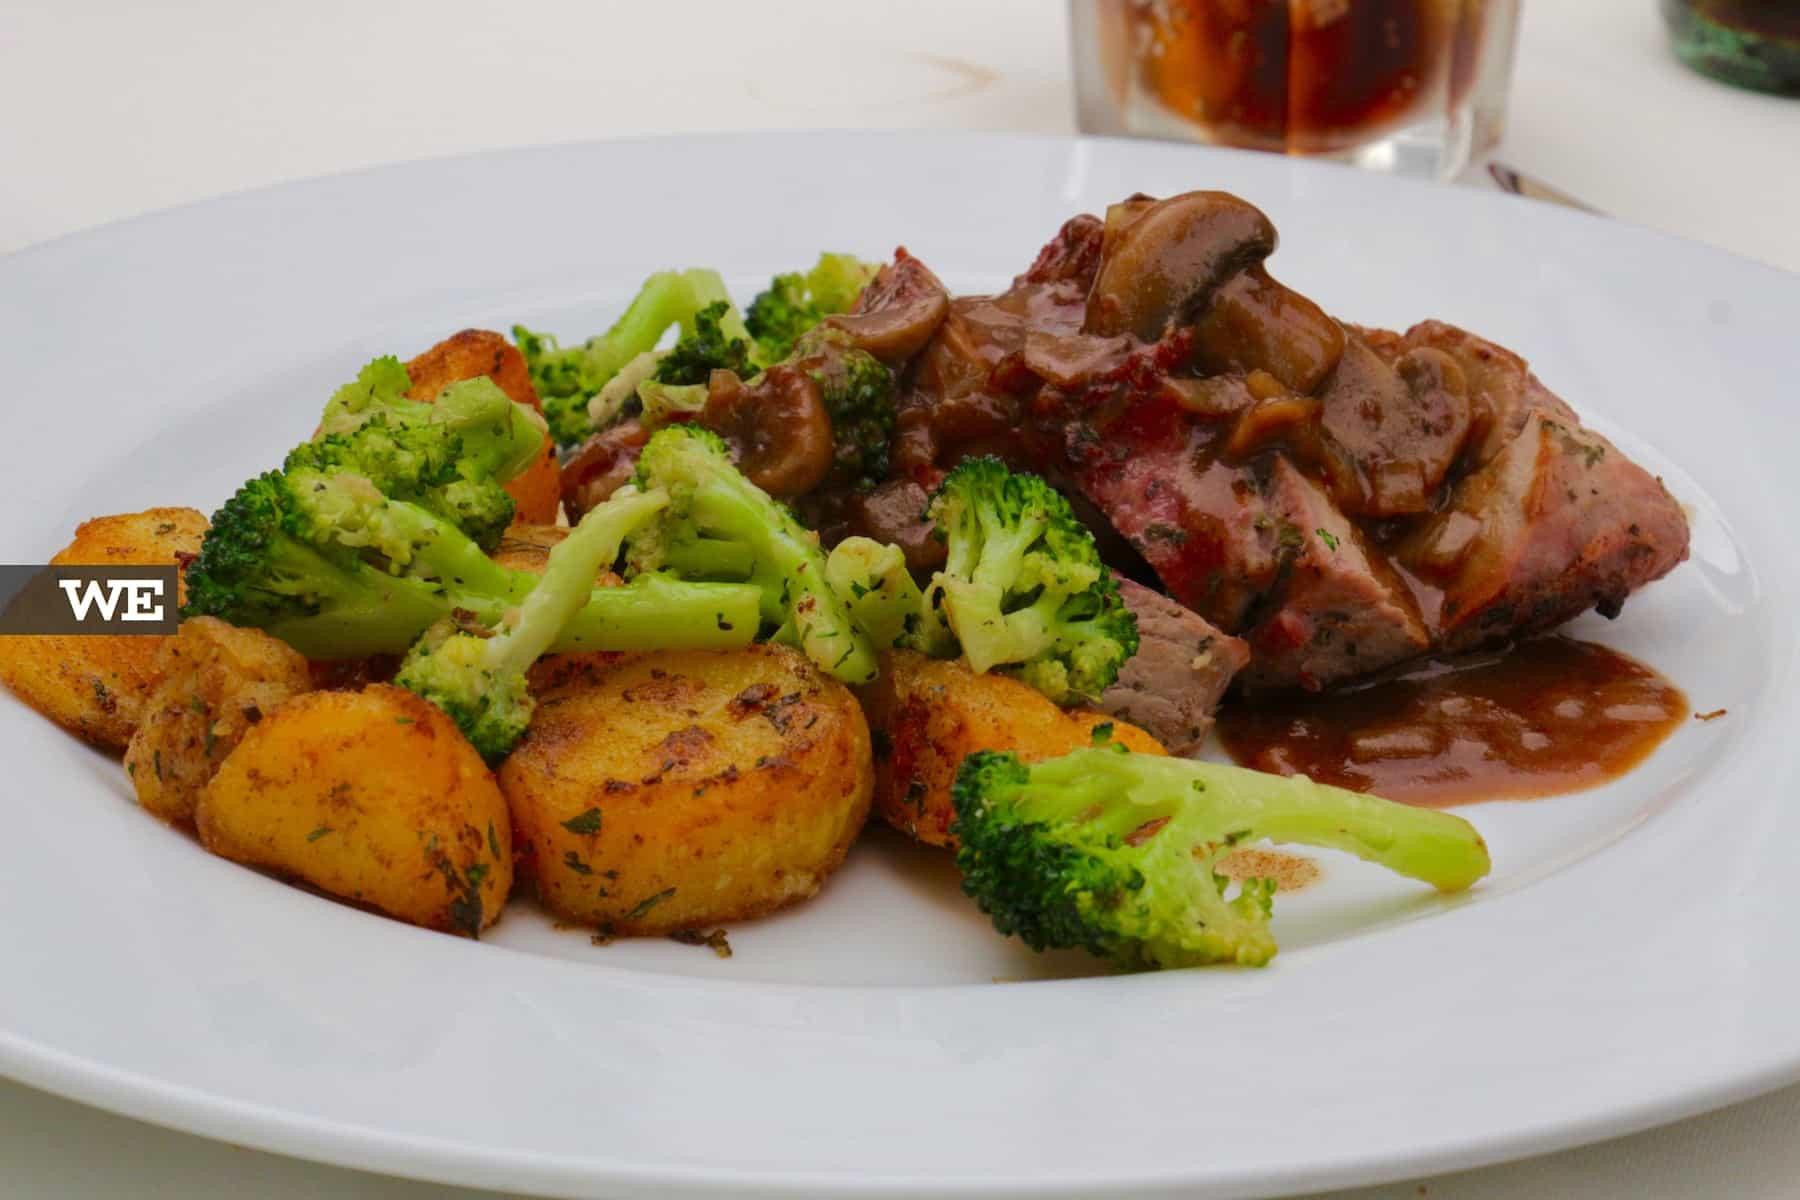 Comida Mediterrânica em Braga no Alma d'Eça - We Braga